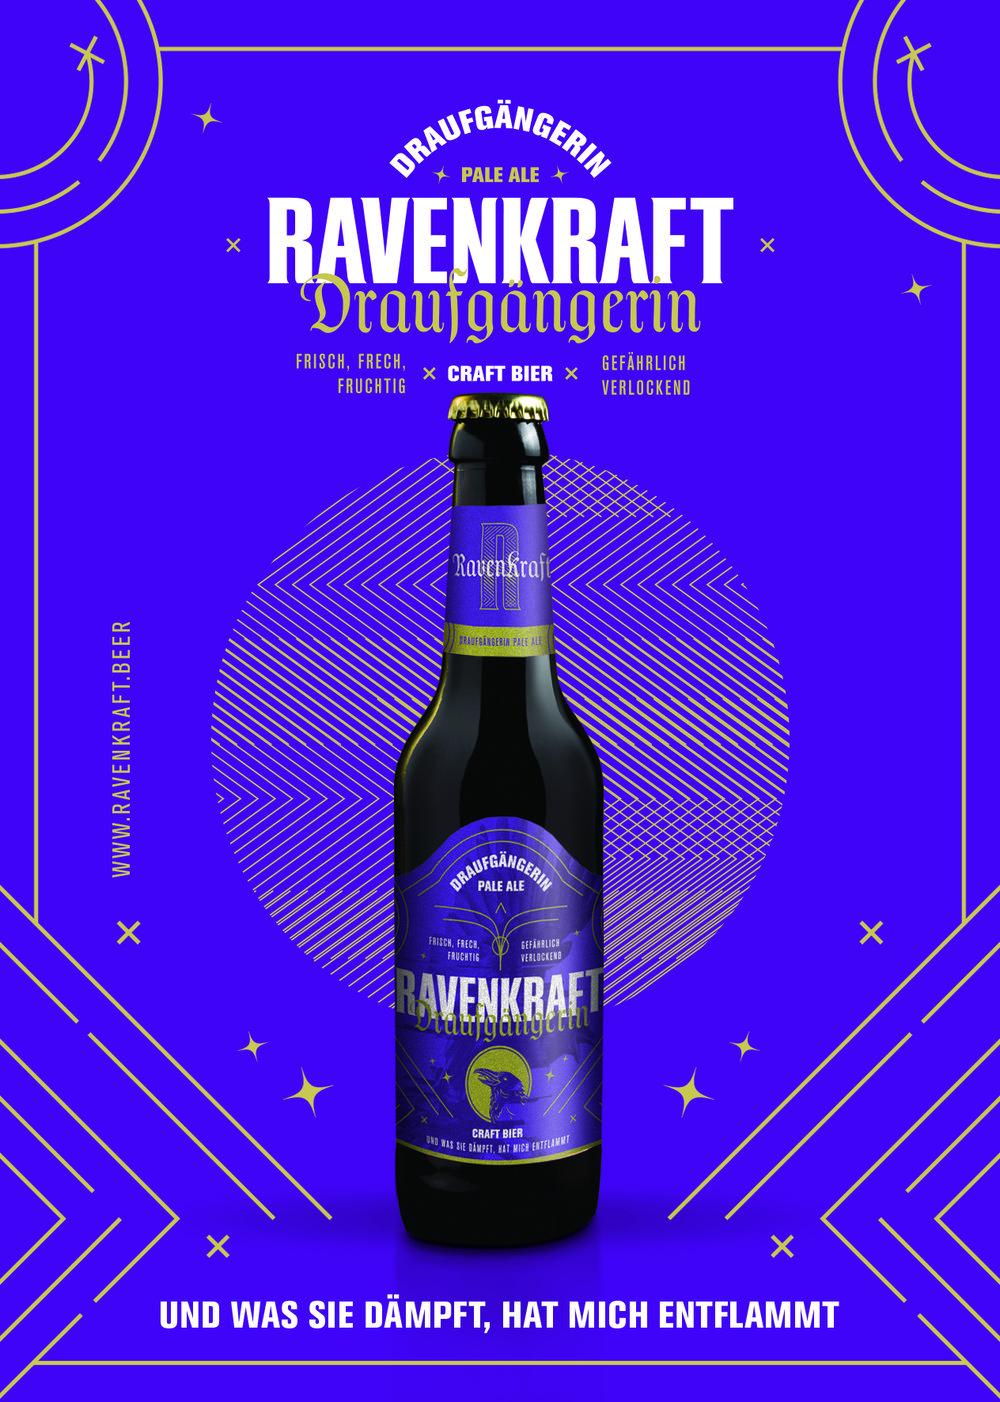 RavenKraft_flyer_2d-2.jpg